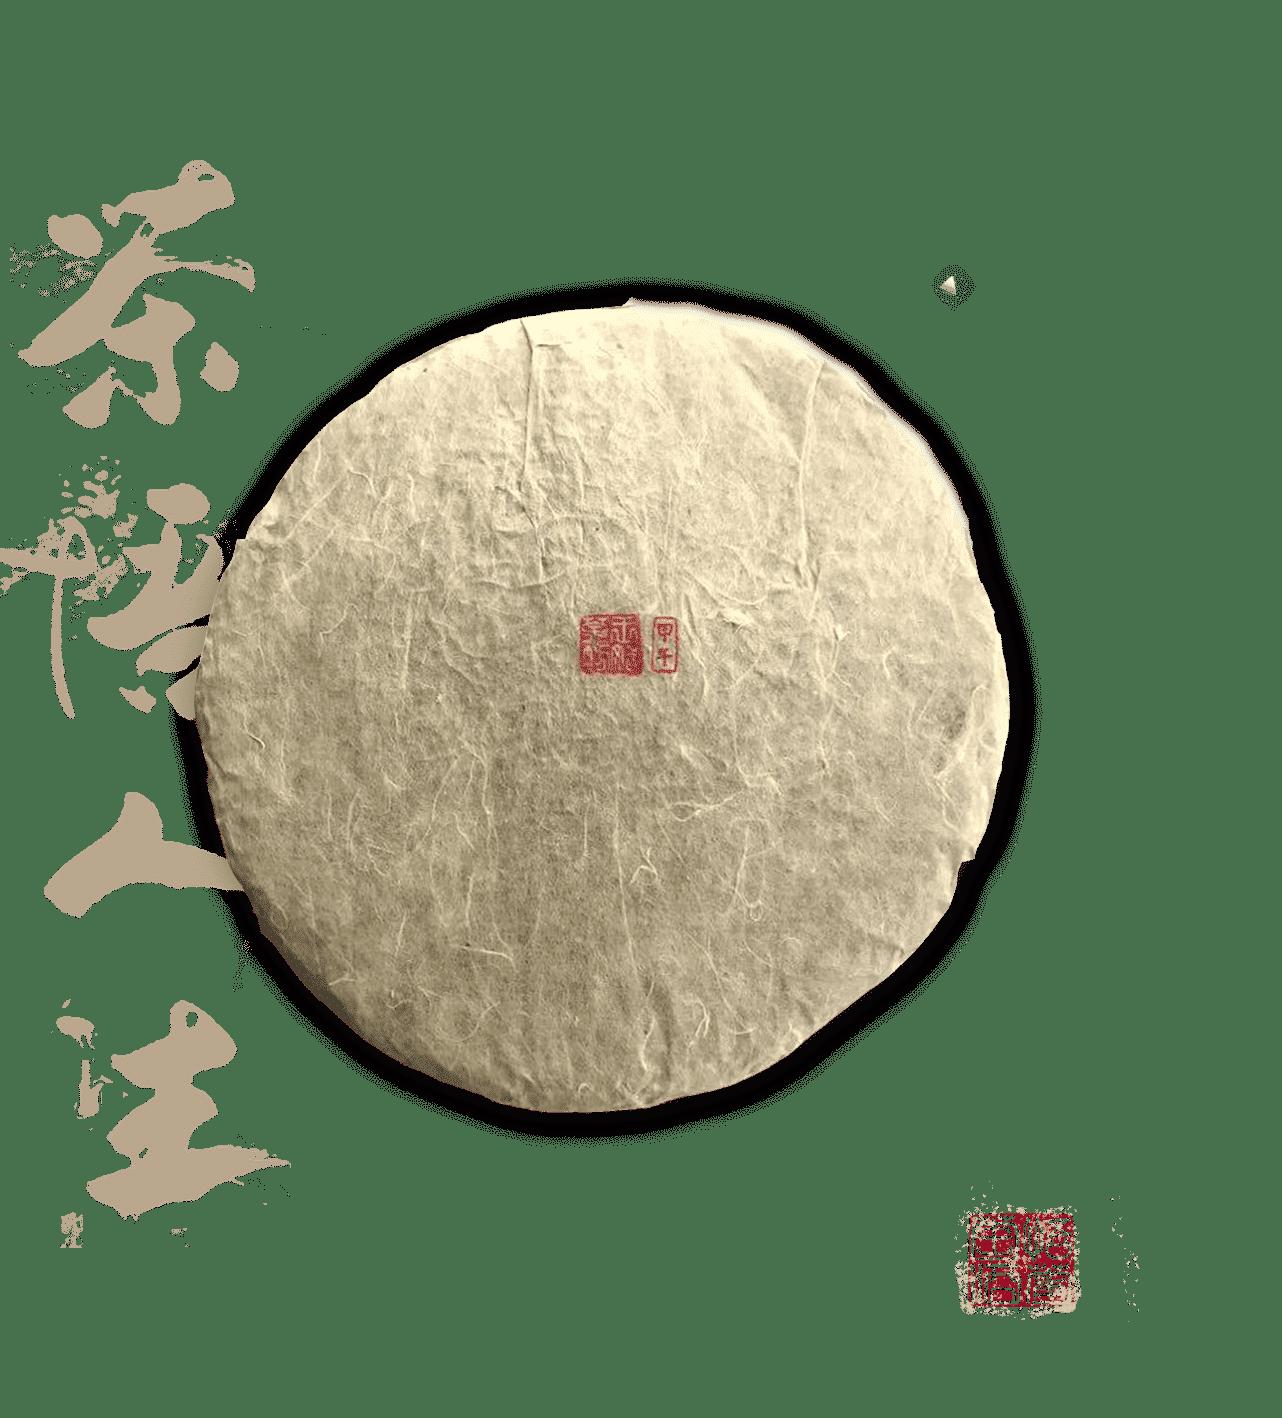 Wangbing shen tai est un thé puerh de la région d'Yiwu dans le Yunnan